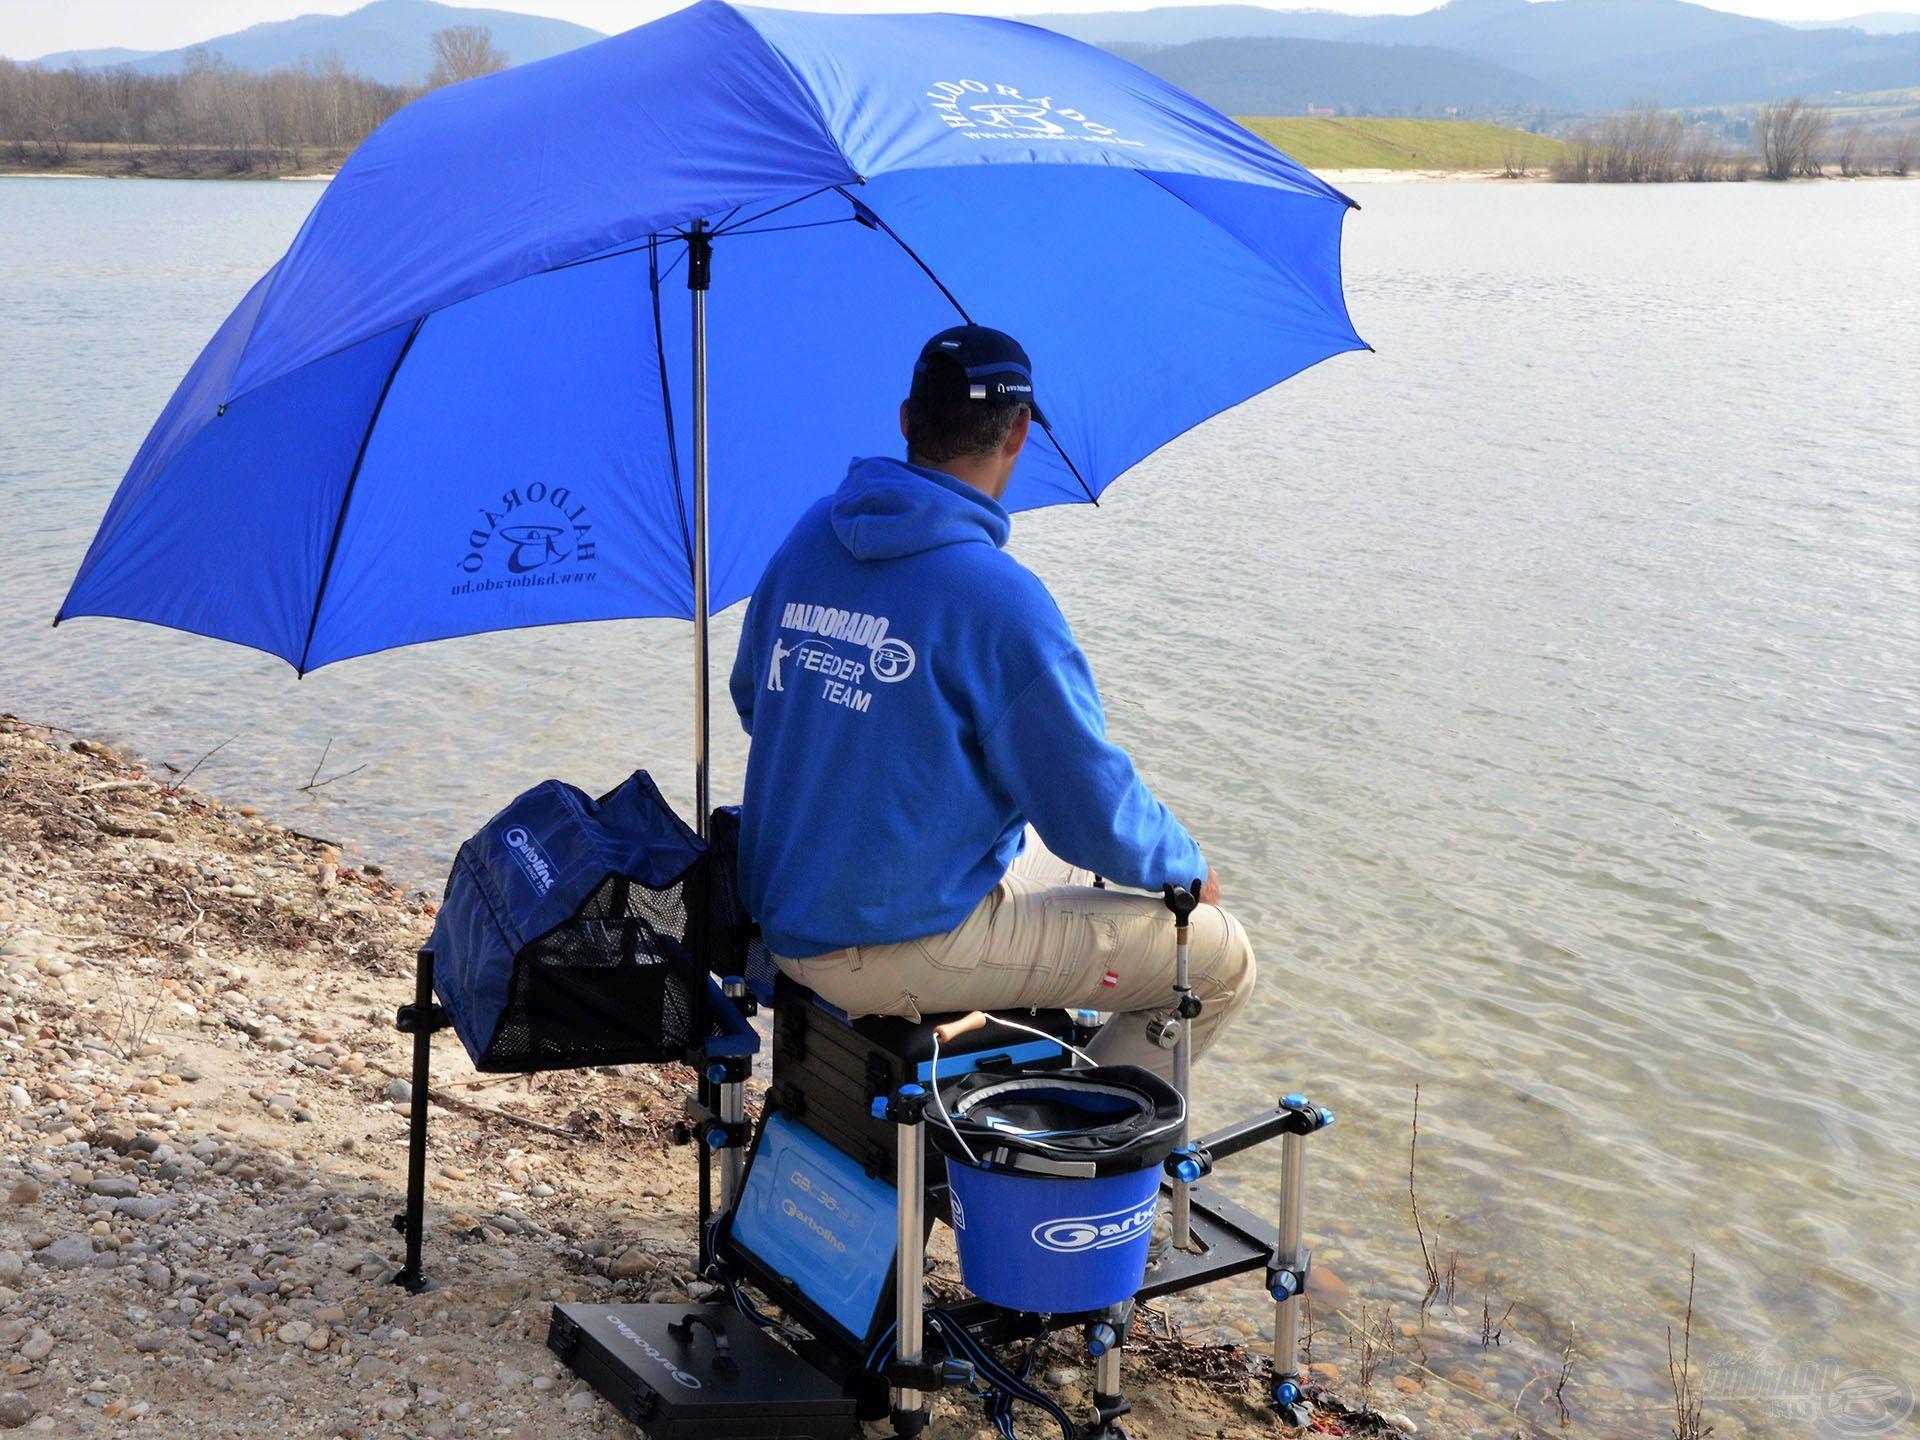 A horgászat zavartalan, ha az ernyő jól van pozícionálva